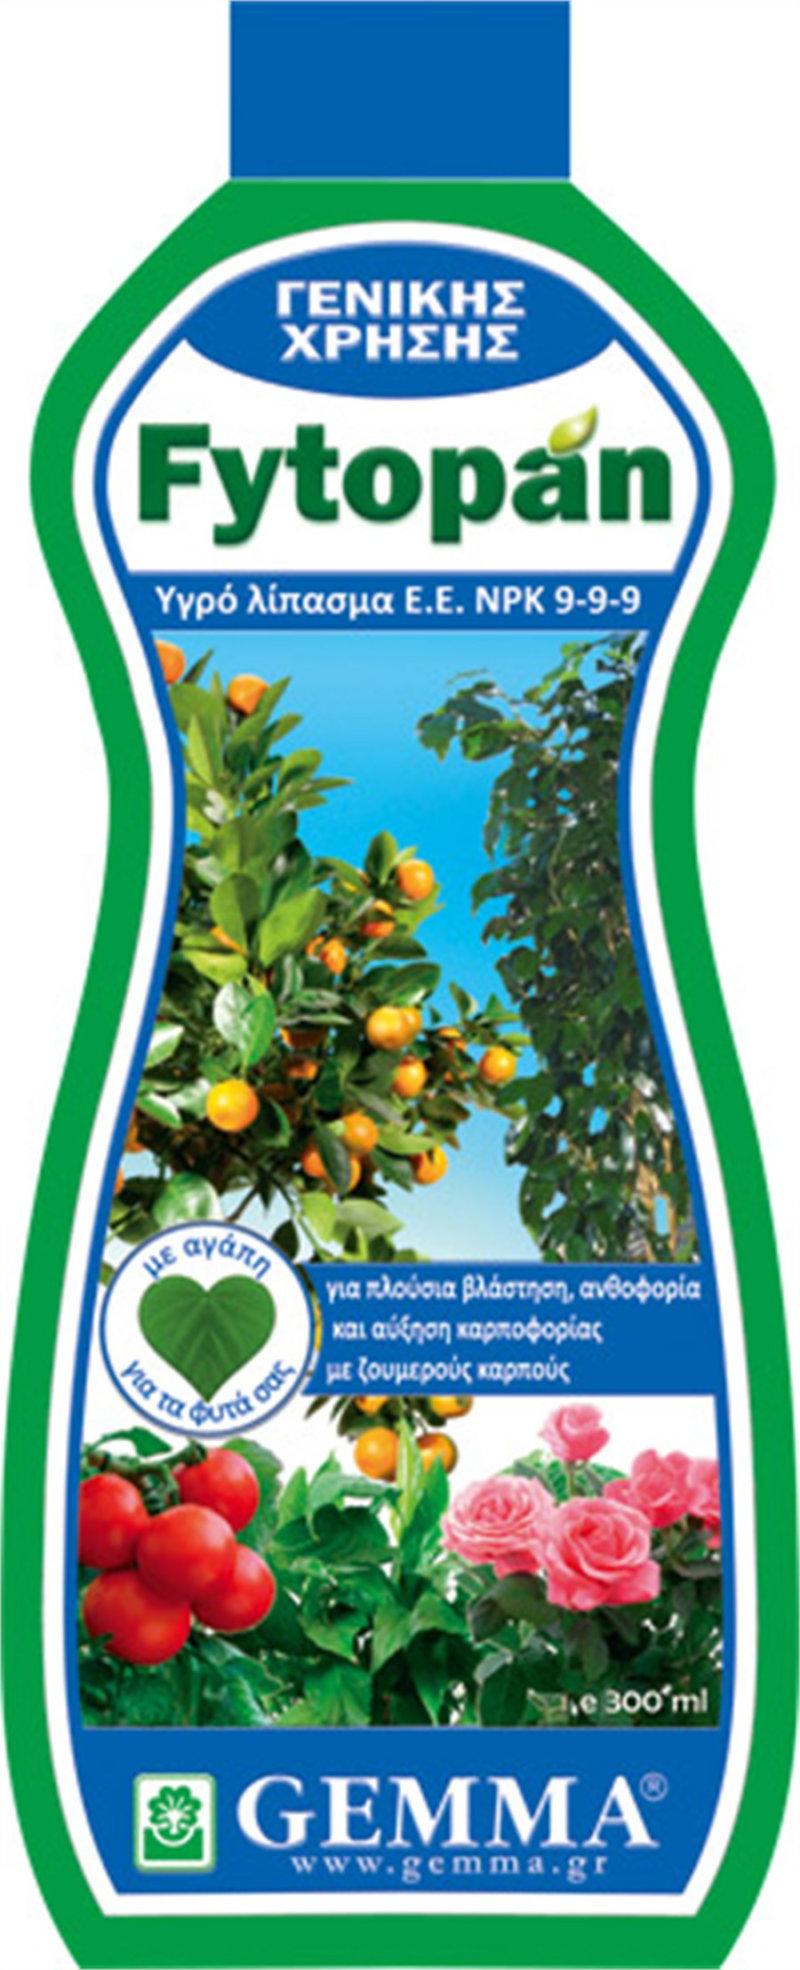 Fytopan Γενικής χρήσης 300 ml